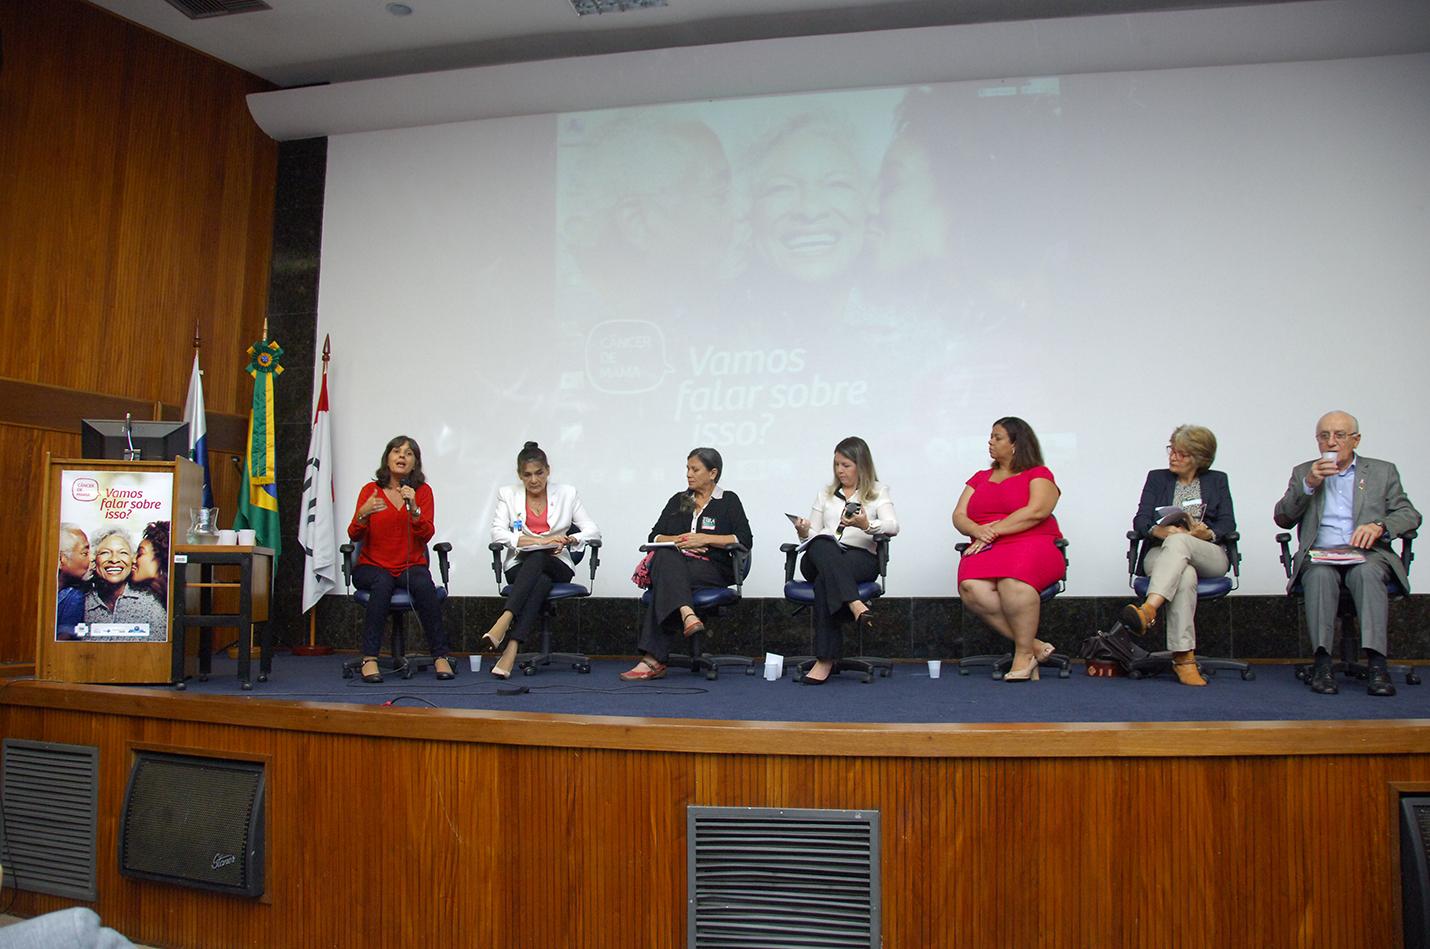 Seis mulheres e um homem sentados em cadeiras em cima de um palco com carpete azul, enquanto uma delas fala ao microfone. Atrás está sendo projetada a imagem da campanha com um senhor e uma jovem beijando no rosto uma senhora, todos negros